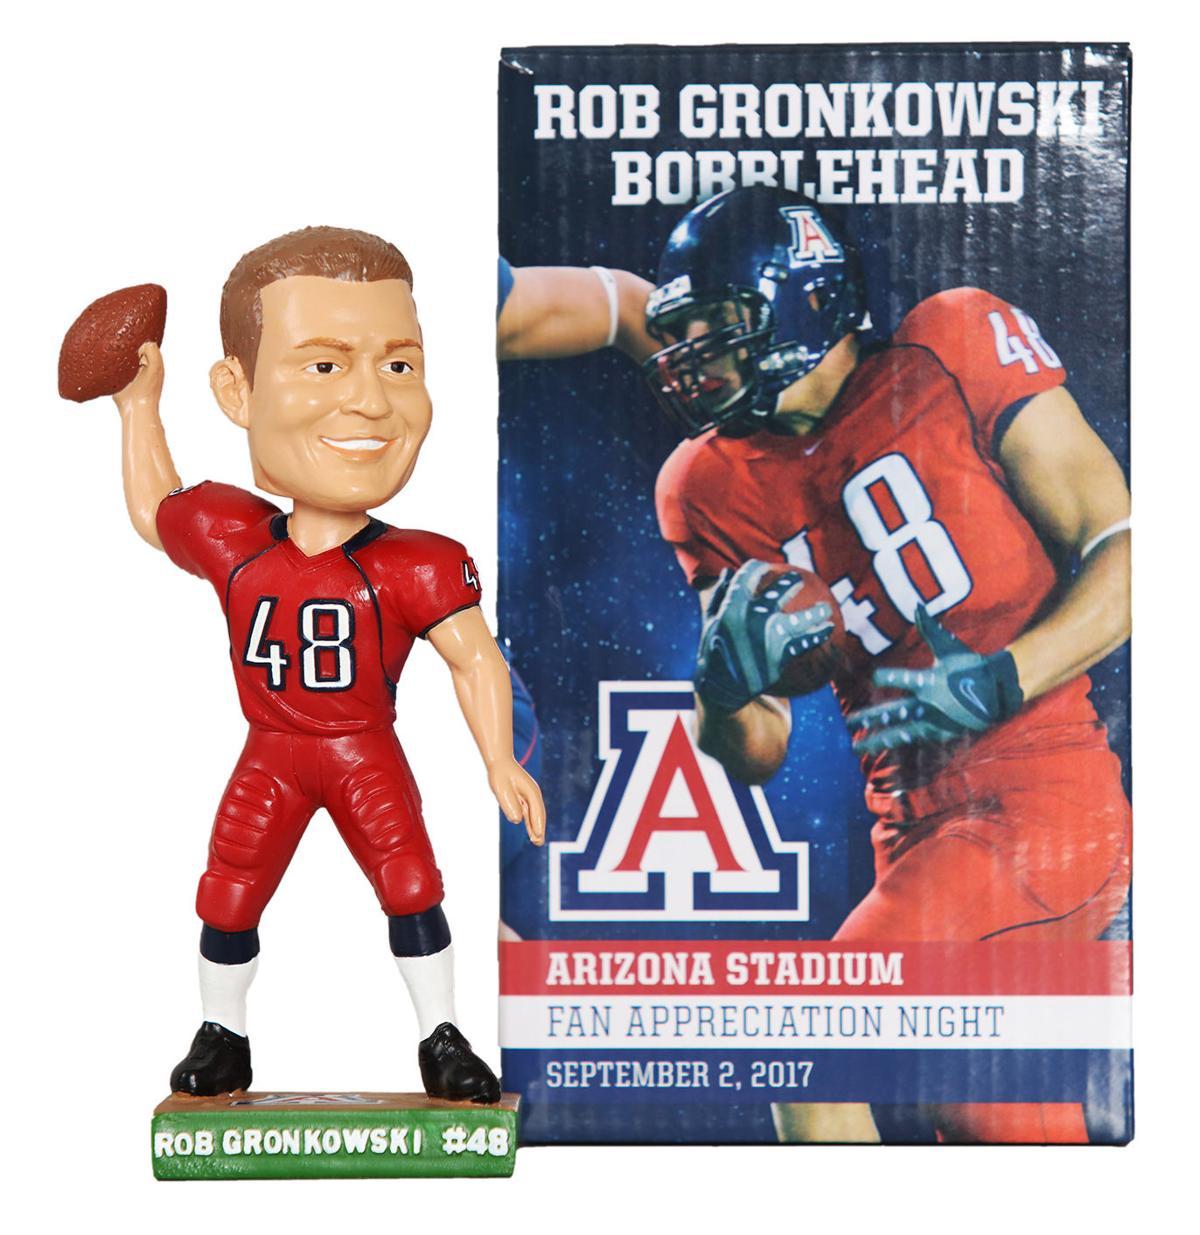 Rob Gronkowski bobblehead